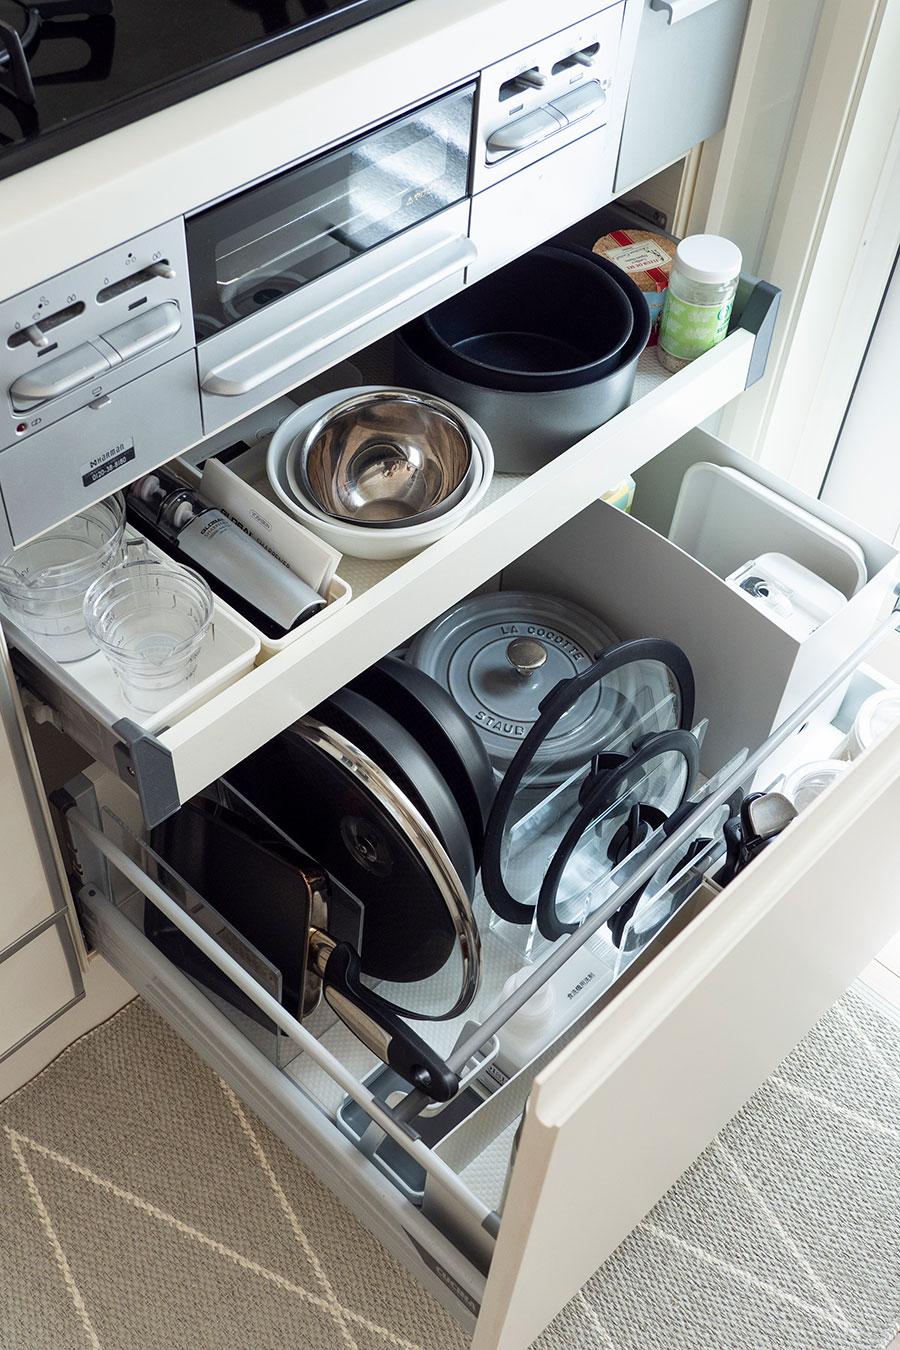 """コンロ下の引出し収納には、コンロで直接使う調理器具を。「深い引き出しは""""仕切る""""ことと""""立てる""""ことが上手な活用法です」。そこで、無印良品のファイルボックスと仕切りスタンドを使用。"""